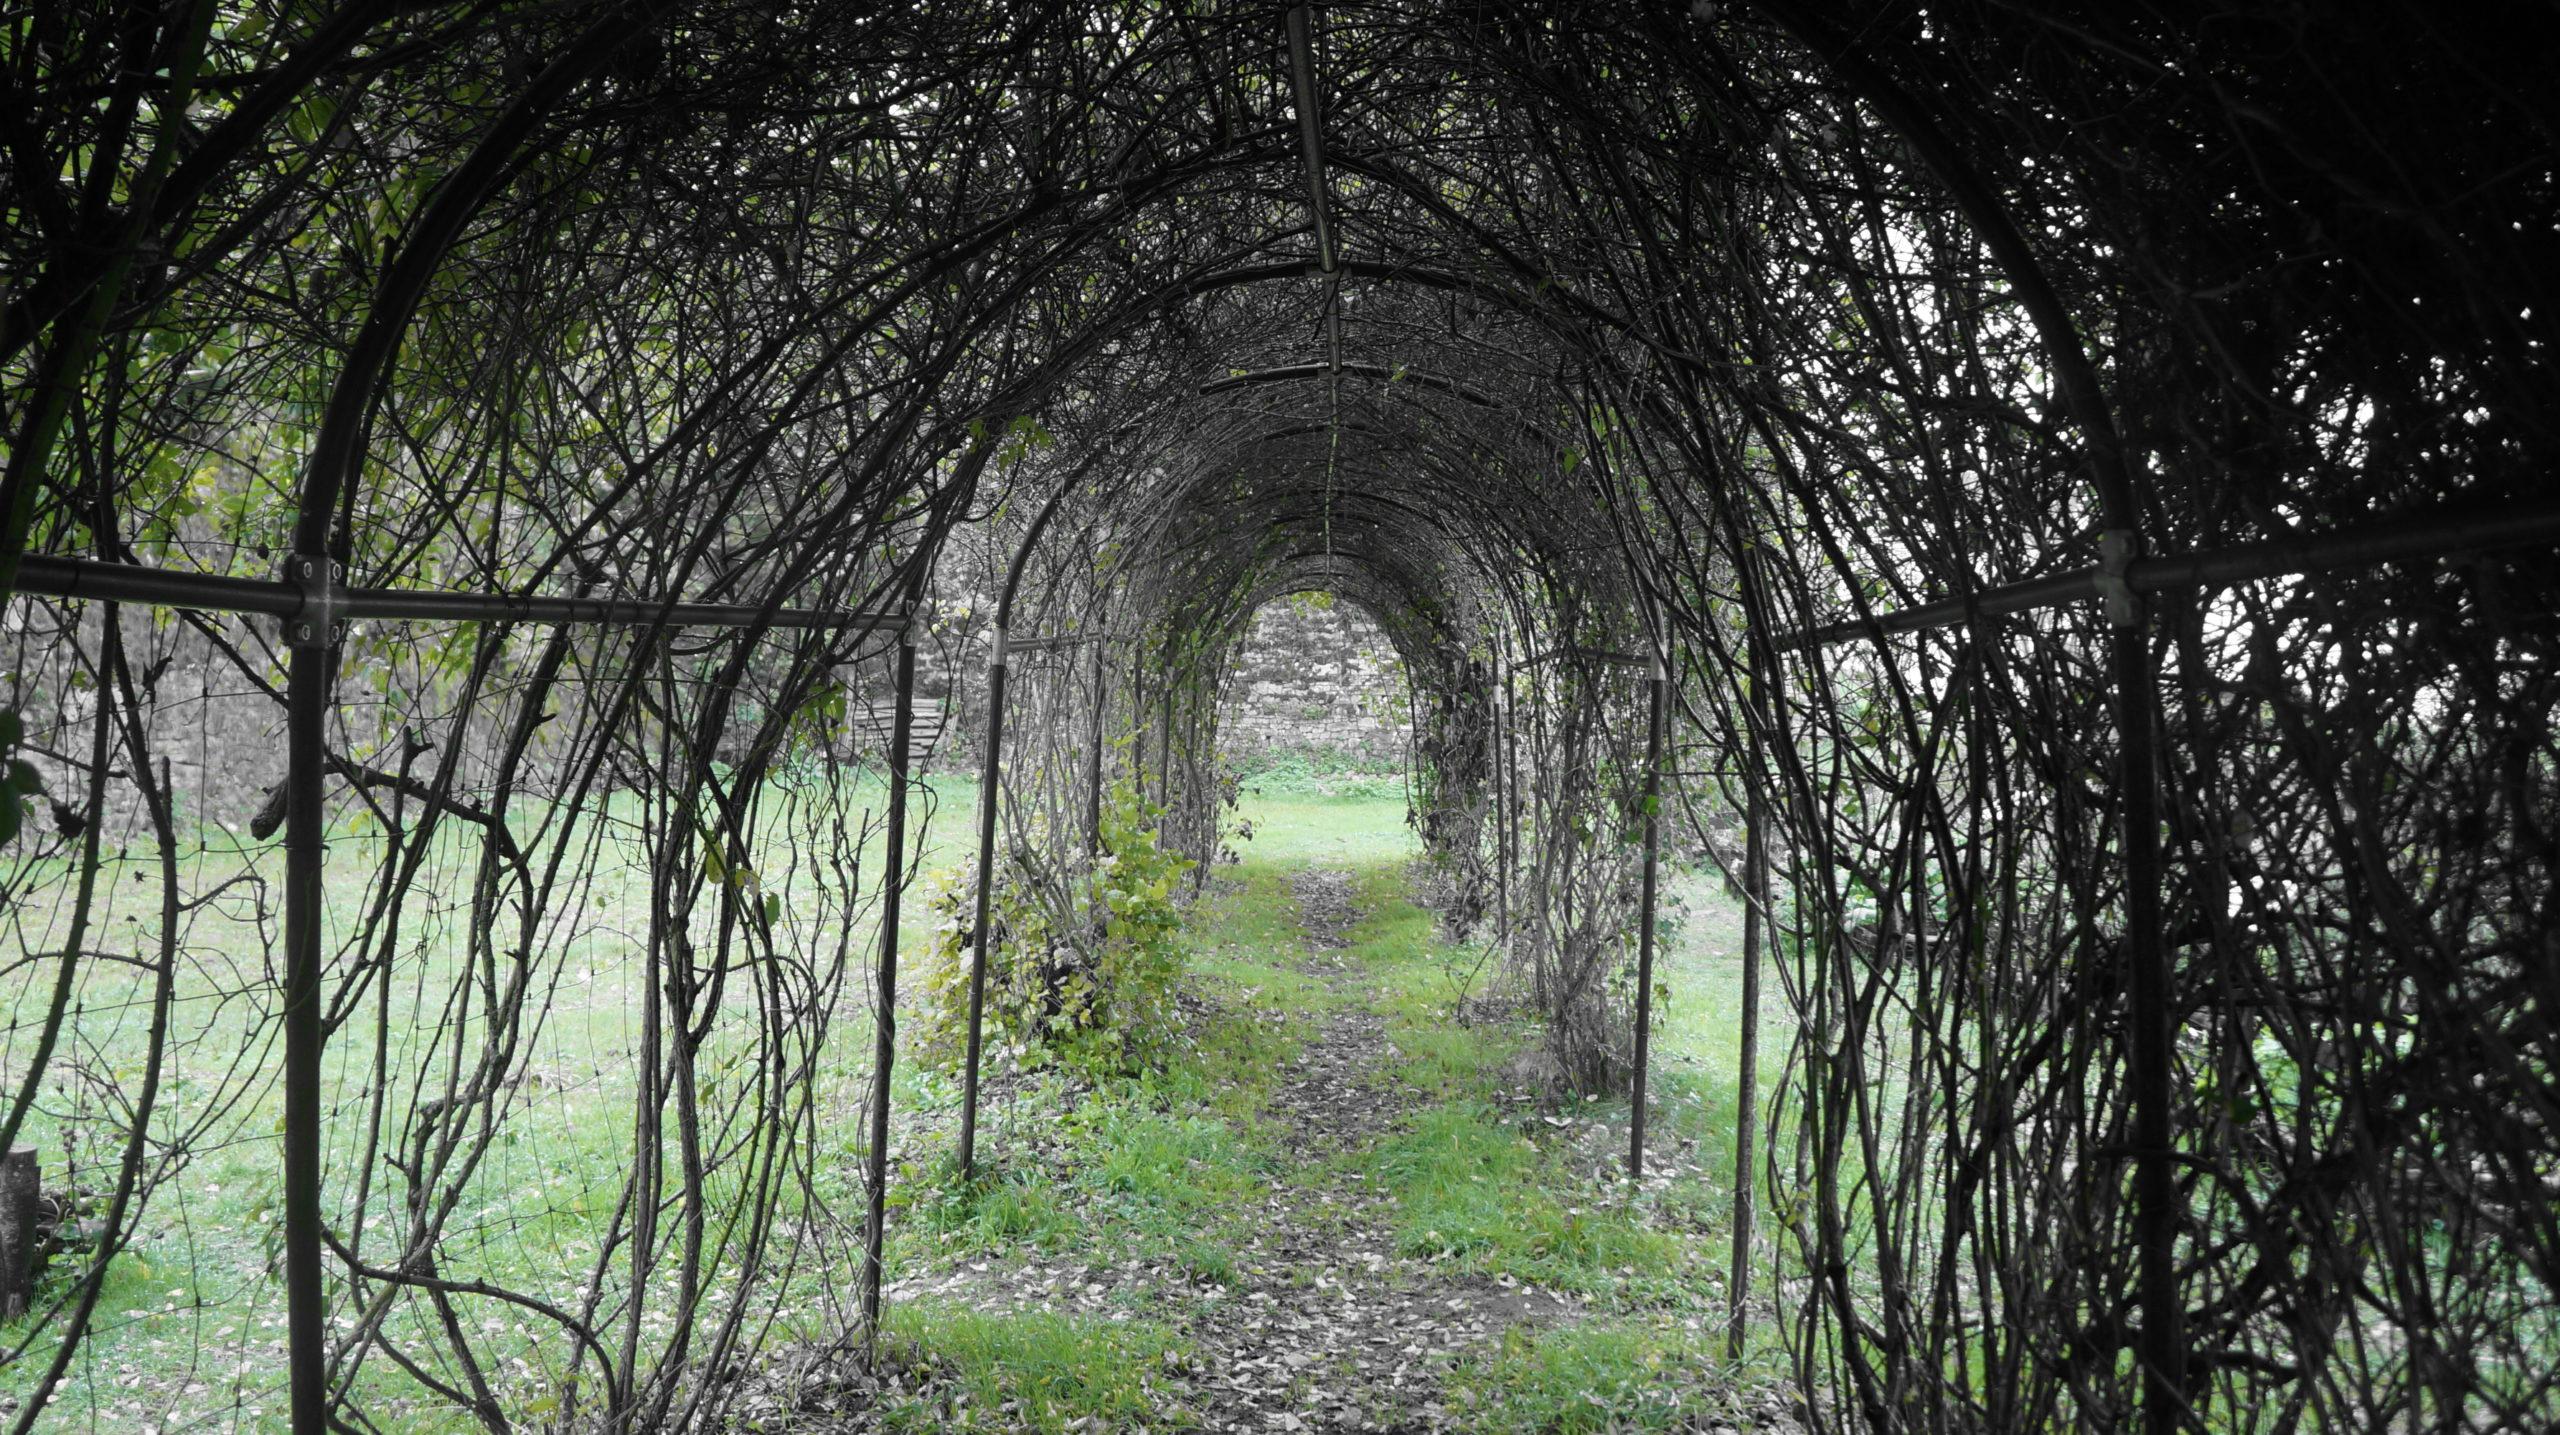 tonnelle végétale dans jardin médiéval